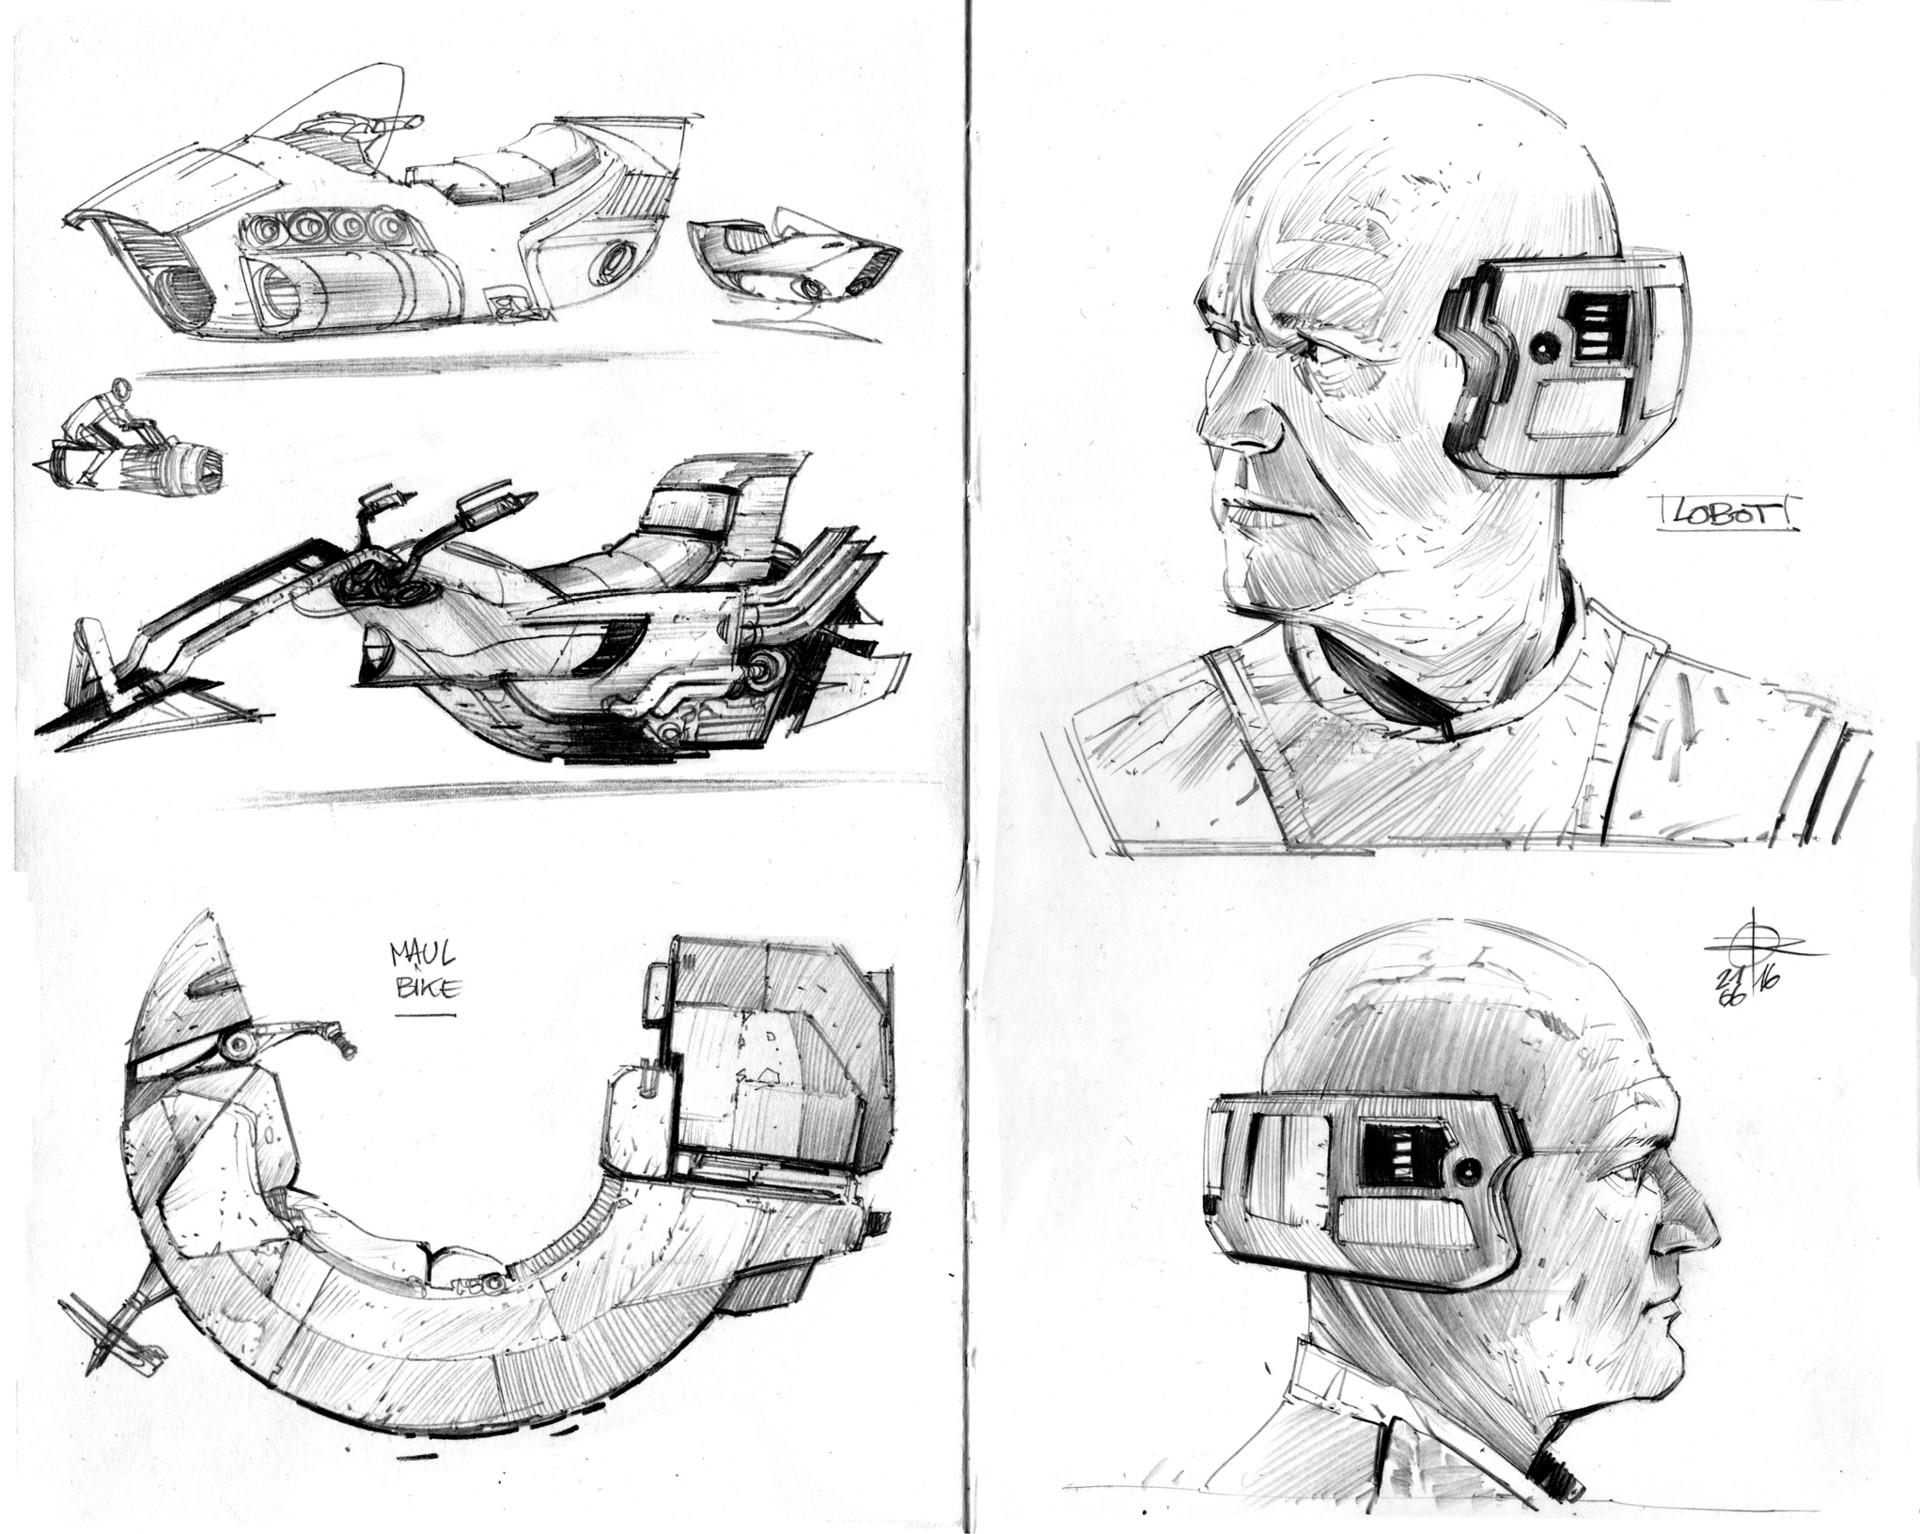 Renaud roche ride sketches01b